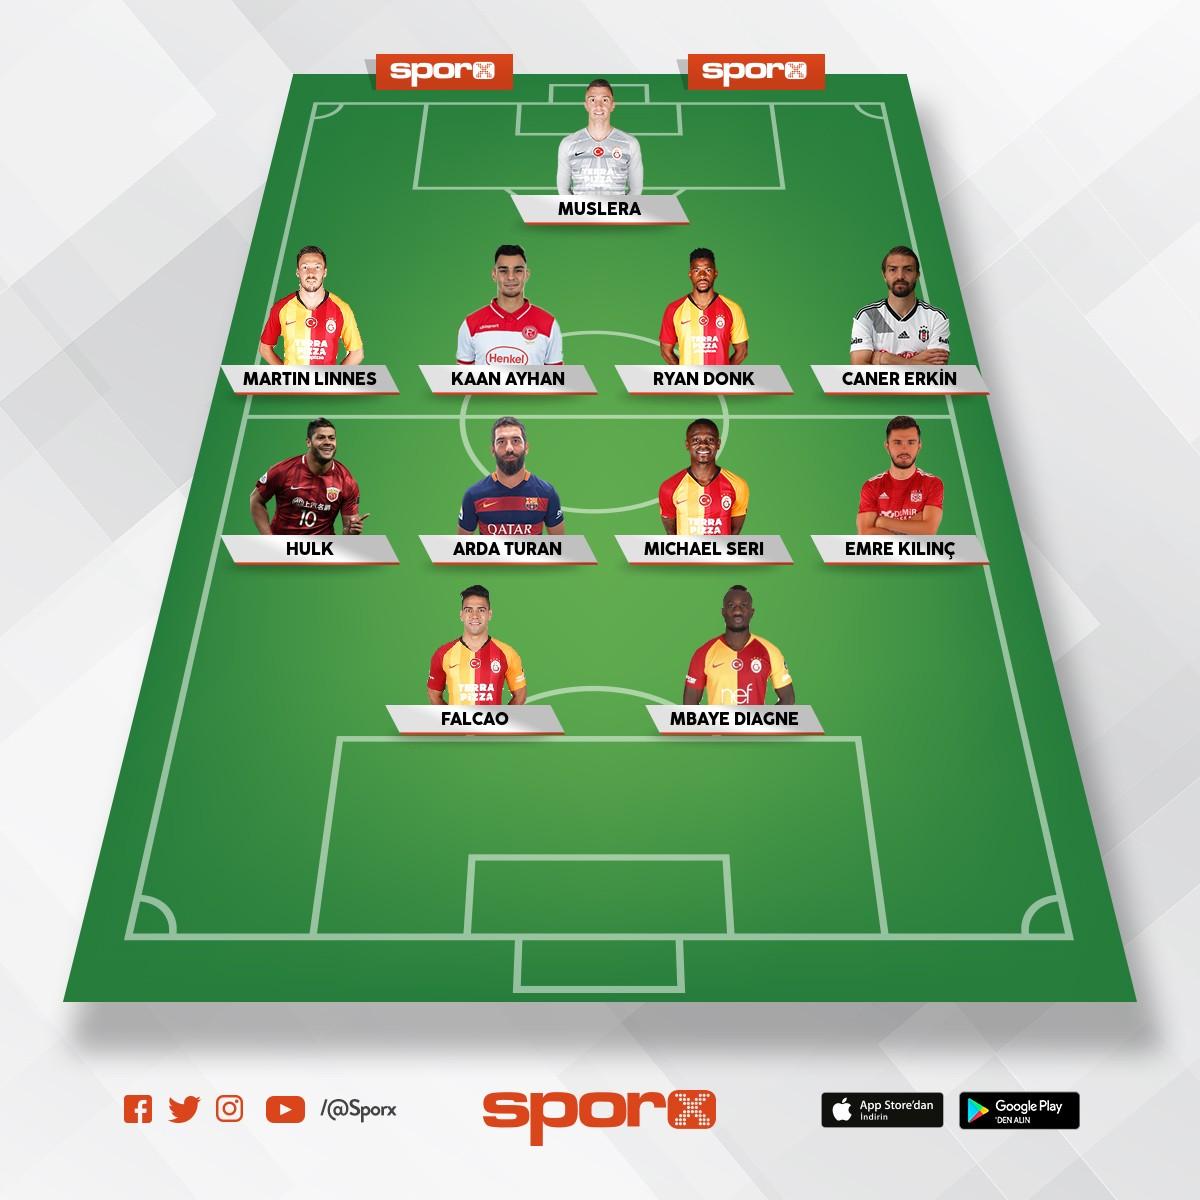 Ben gelecek sezon boyle istiyorum Galatasaray esecek